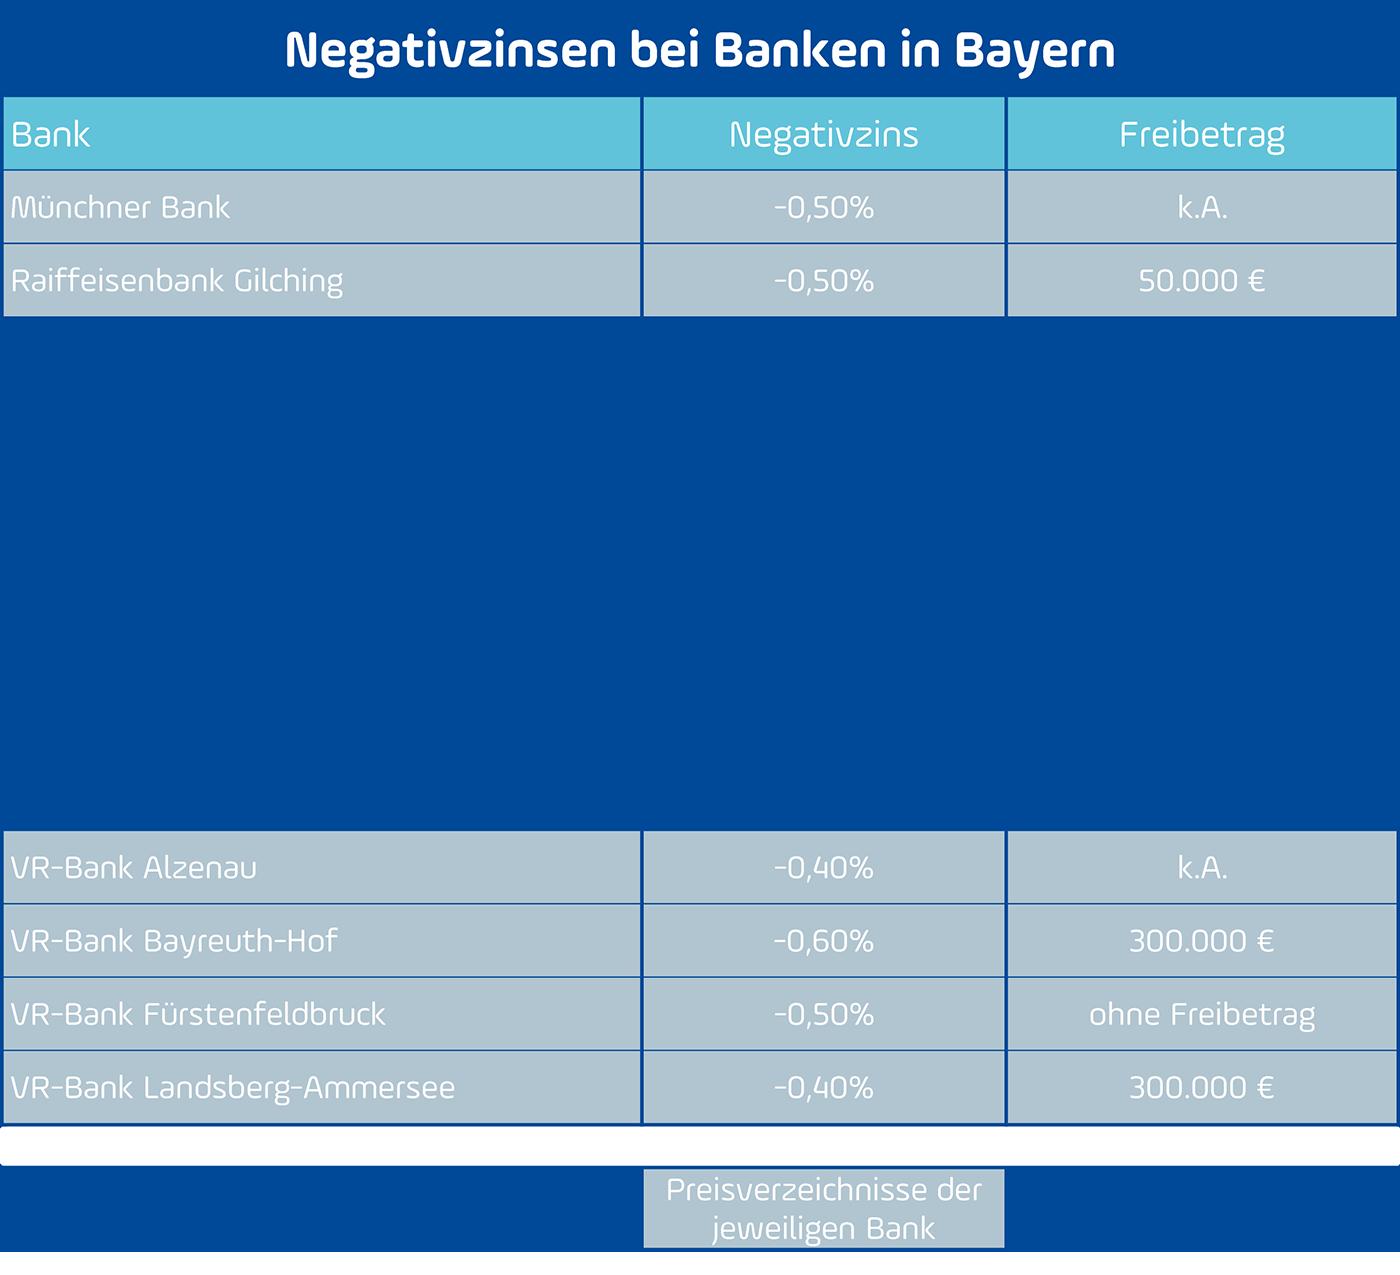 Negativzinsen Banken